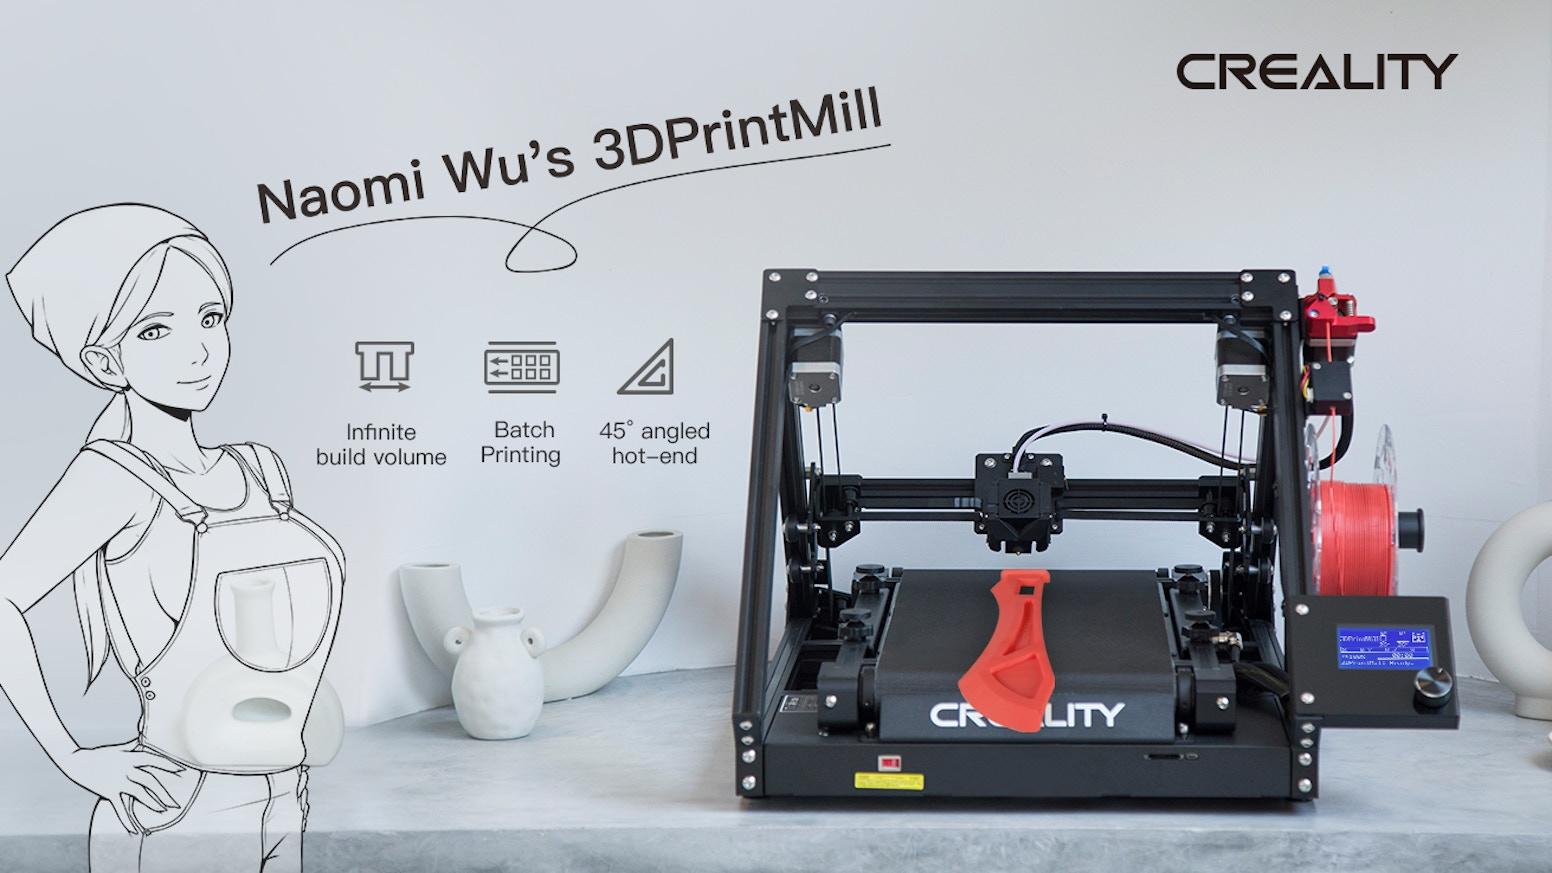 Desktop Metal Studio 3D Printer - Affordable Metal 3D Printing